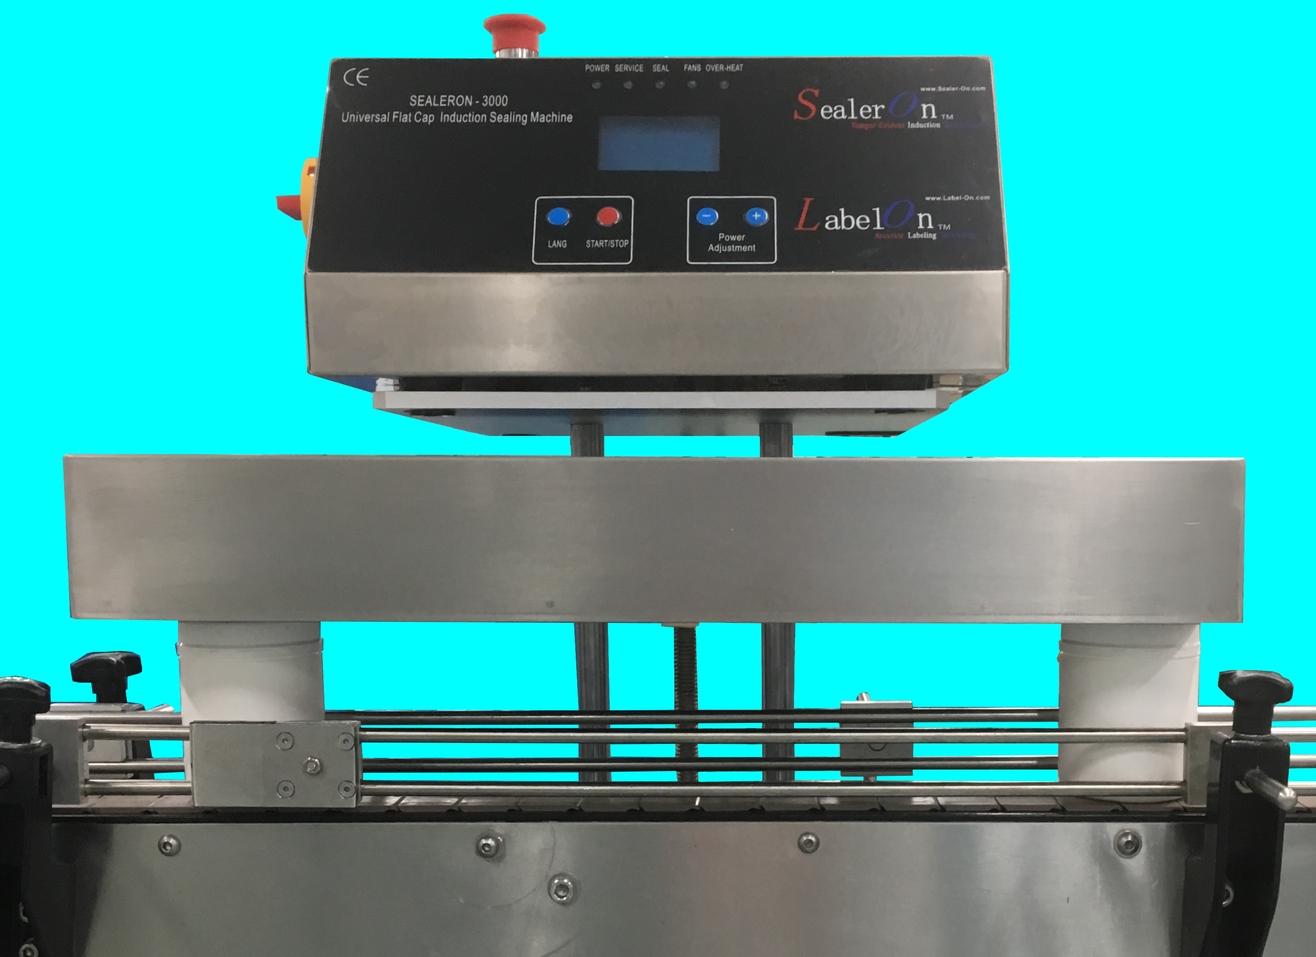 SealerOn3000 Induction Sealing Machine